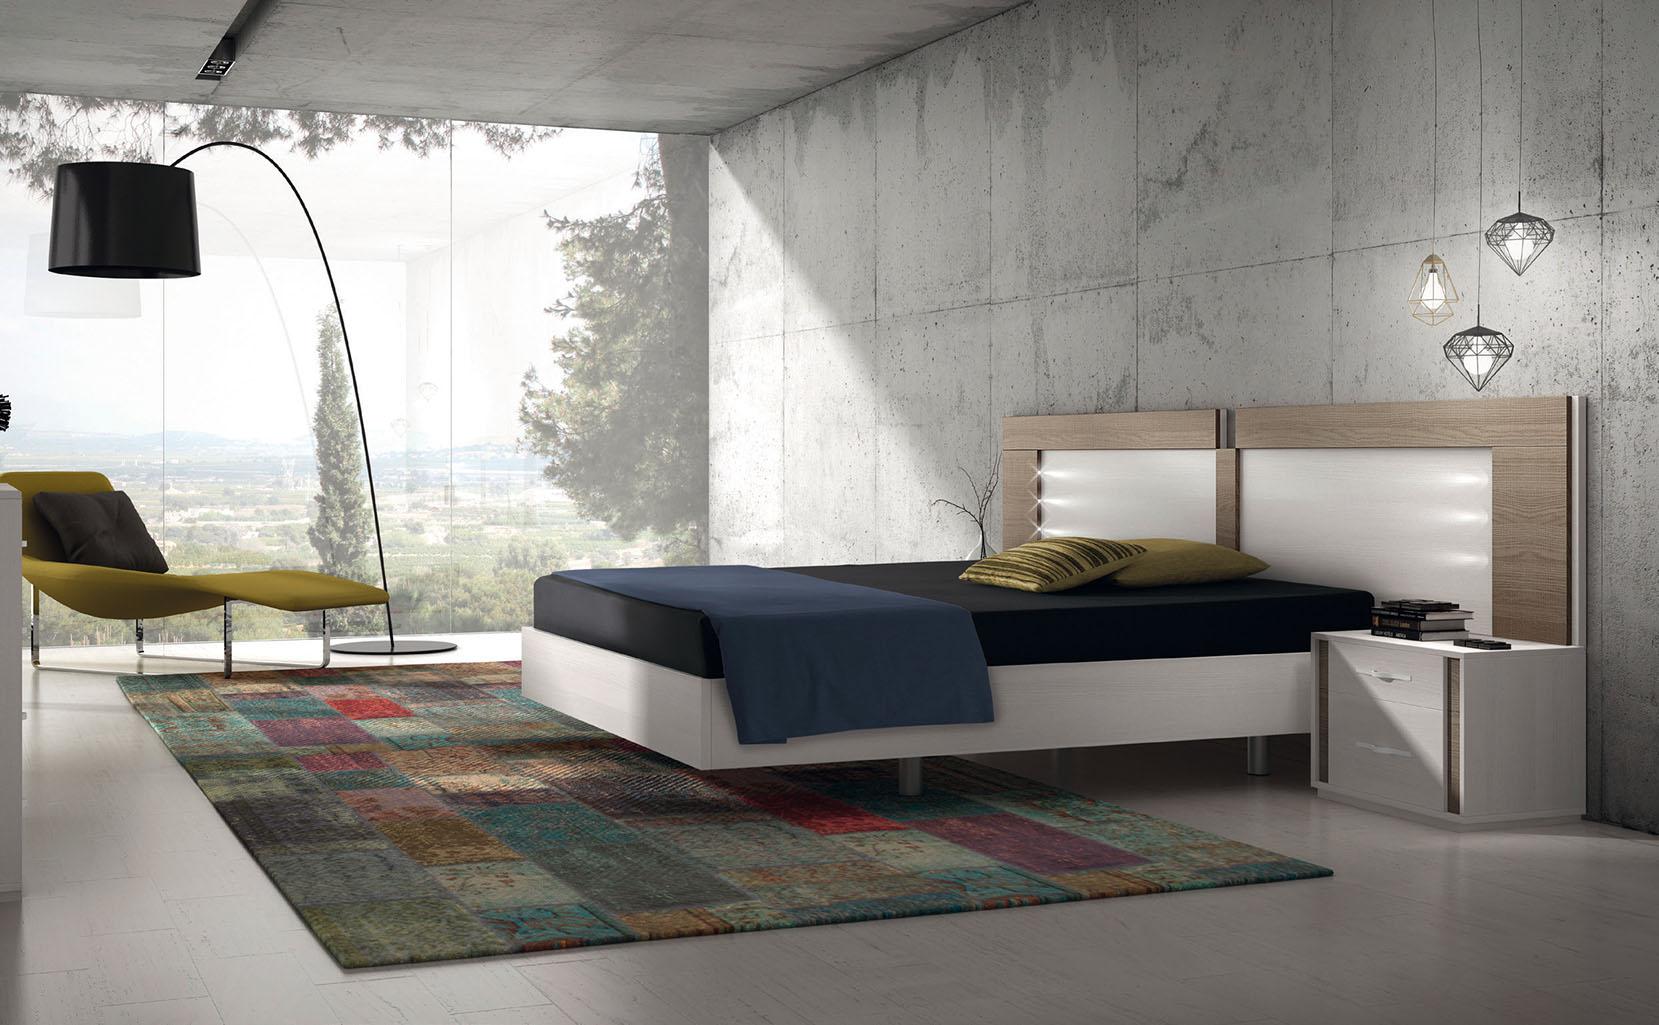 Dormitorios muebles casanova - Muebles dormitorio moderno ...